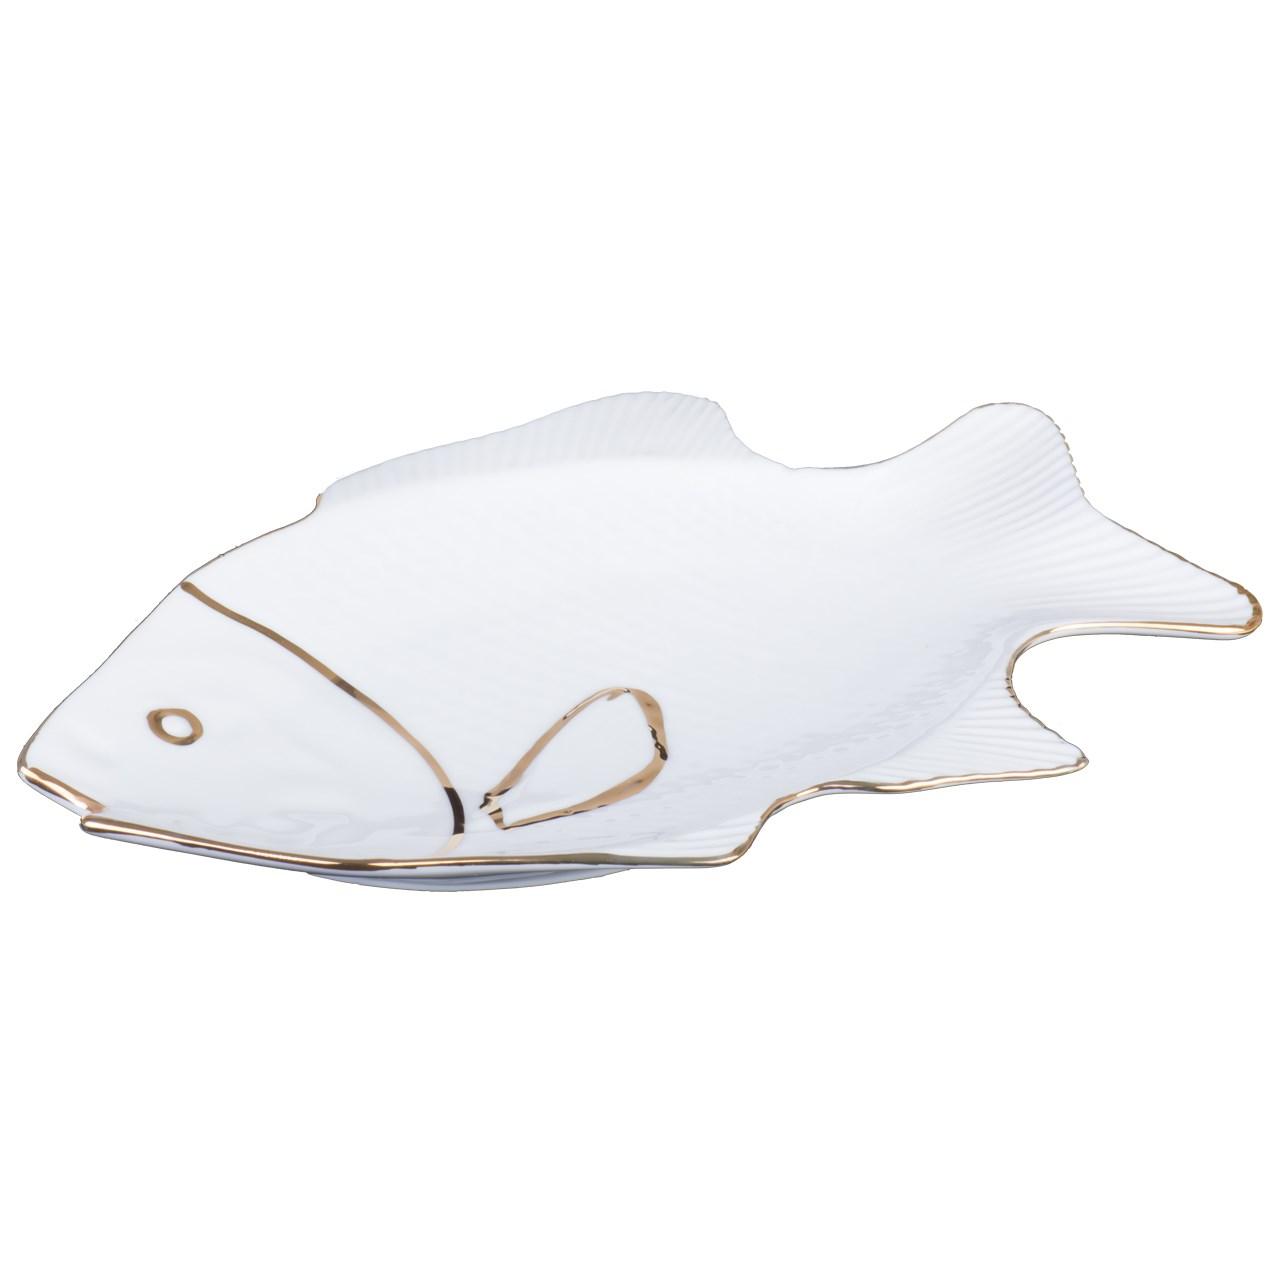 دیس لیمون چینی طرح ماهی دو خط طلا مدل A2